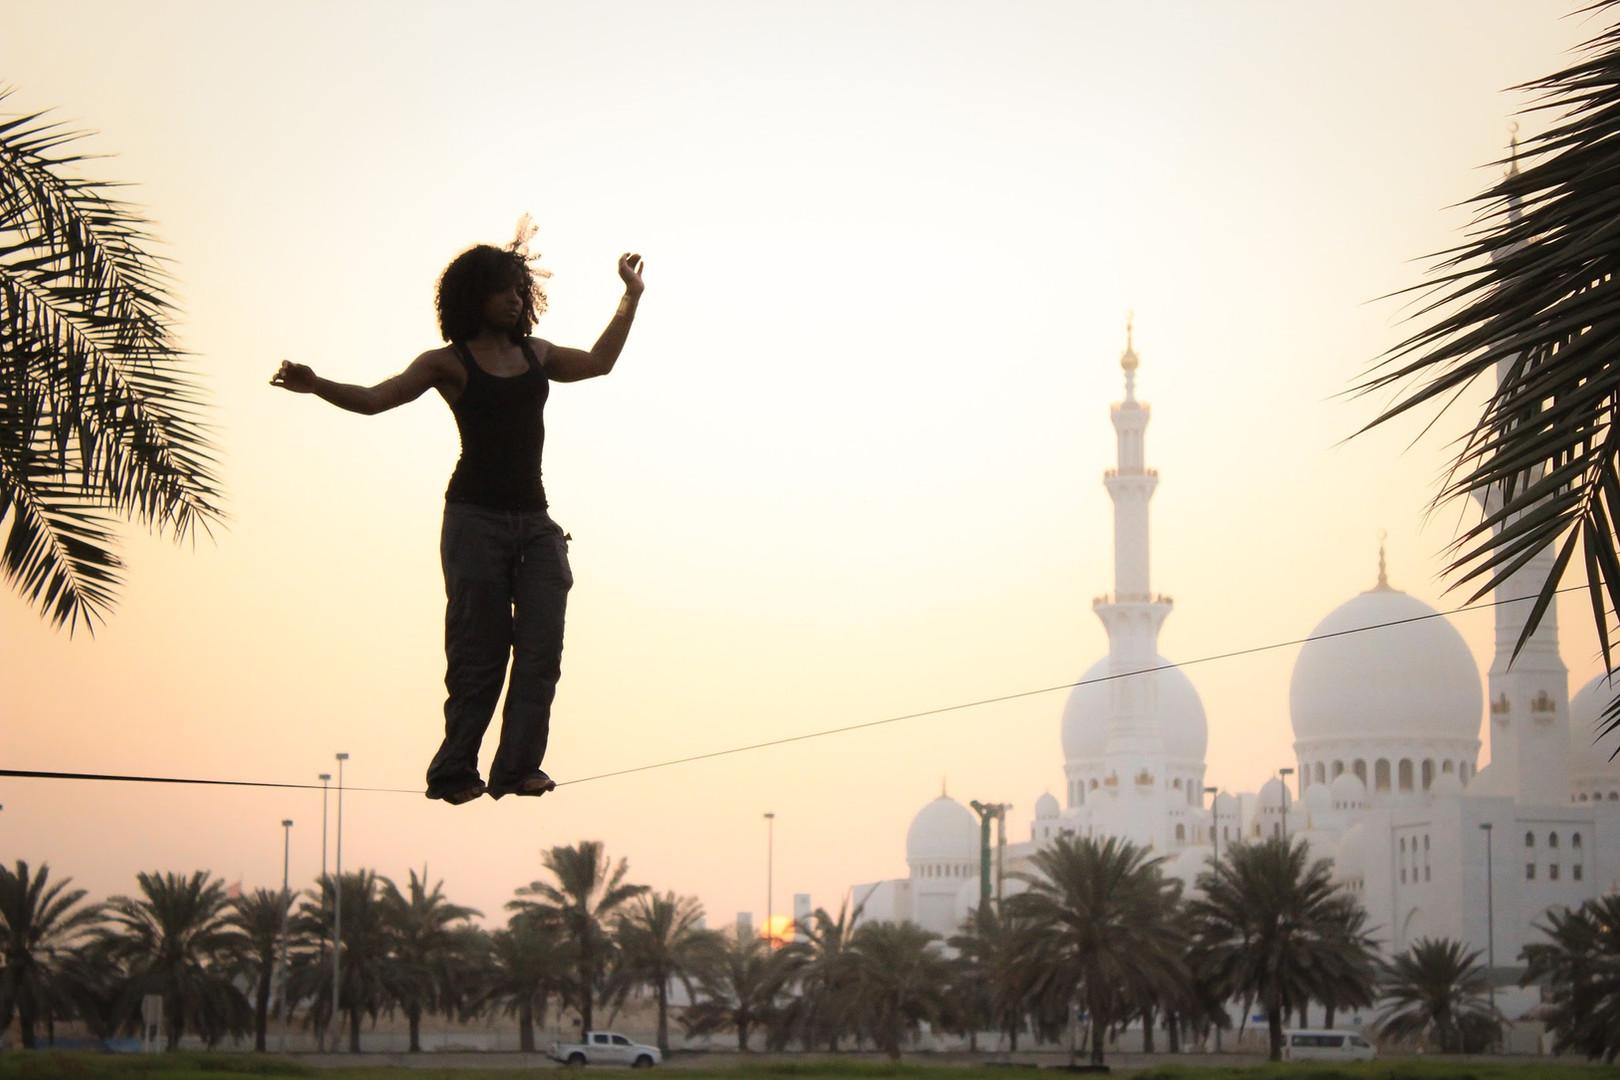 Abu Dhabi, United Arab Emirates 2015